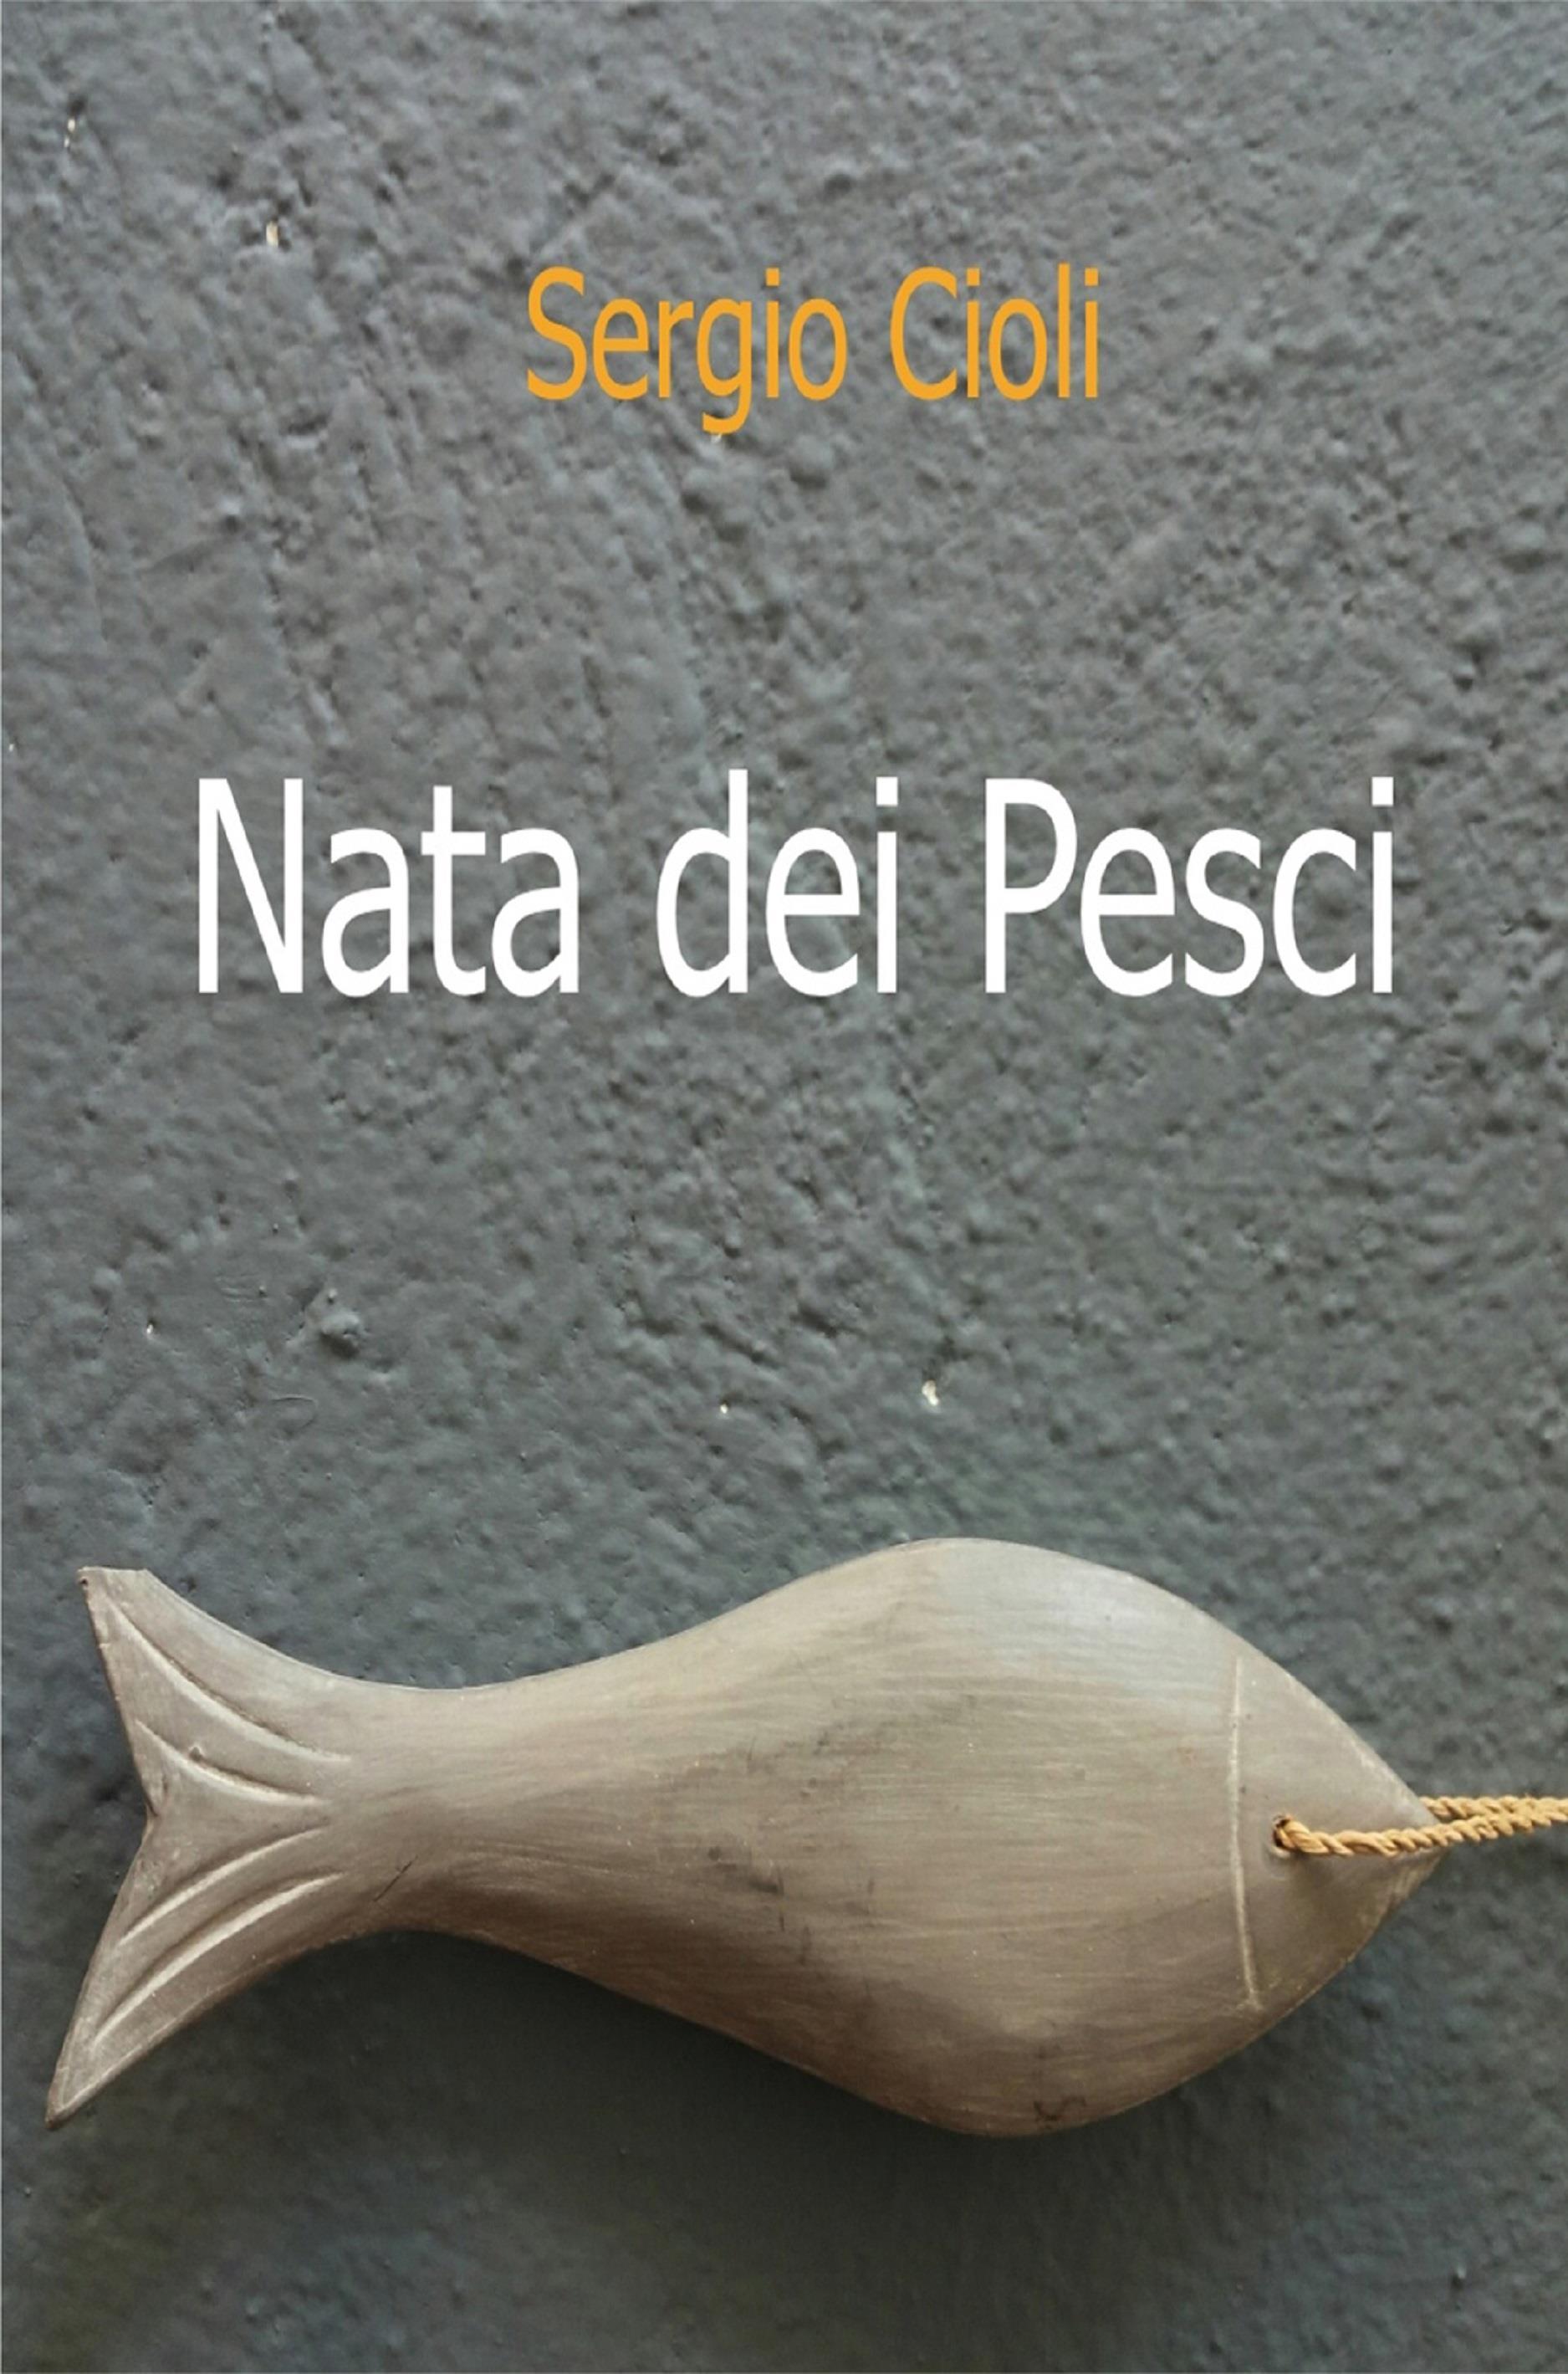 Nata dei pesci